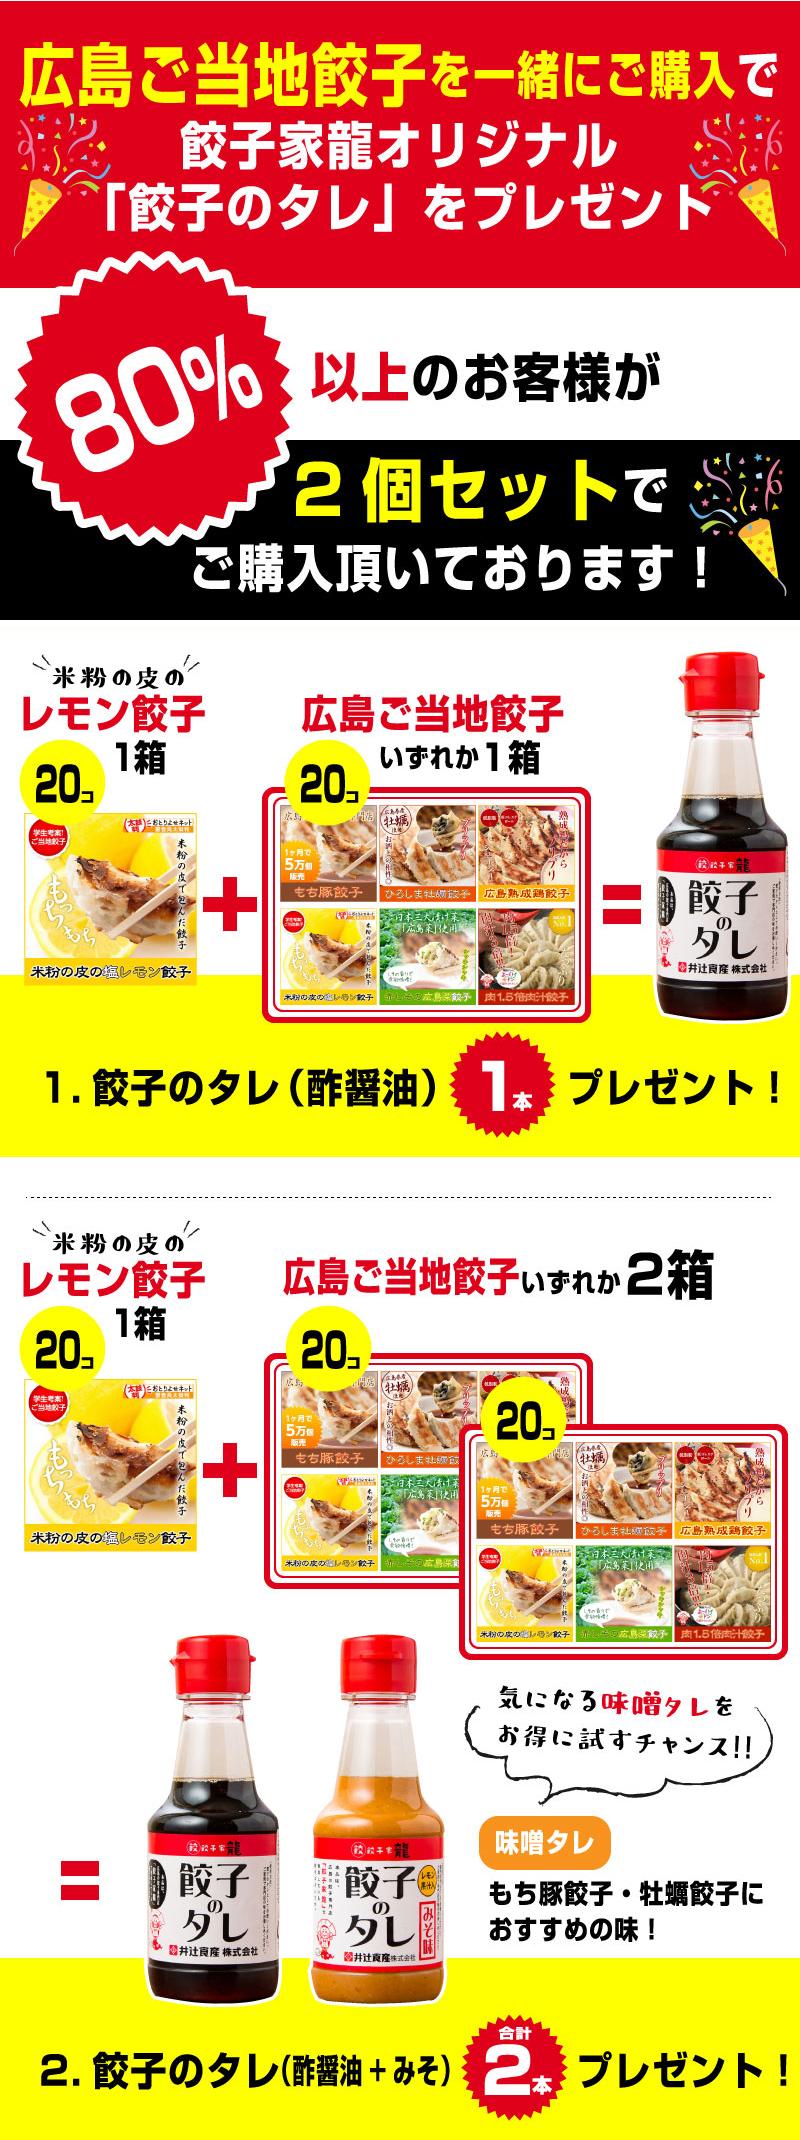 対象の広島ご当地餃子20個入りを一緒にご購入でタレプレゼント